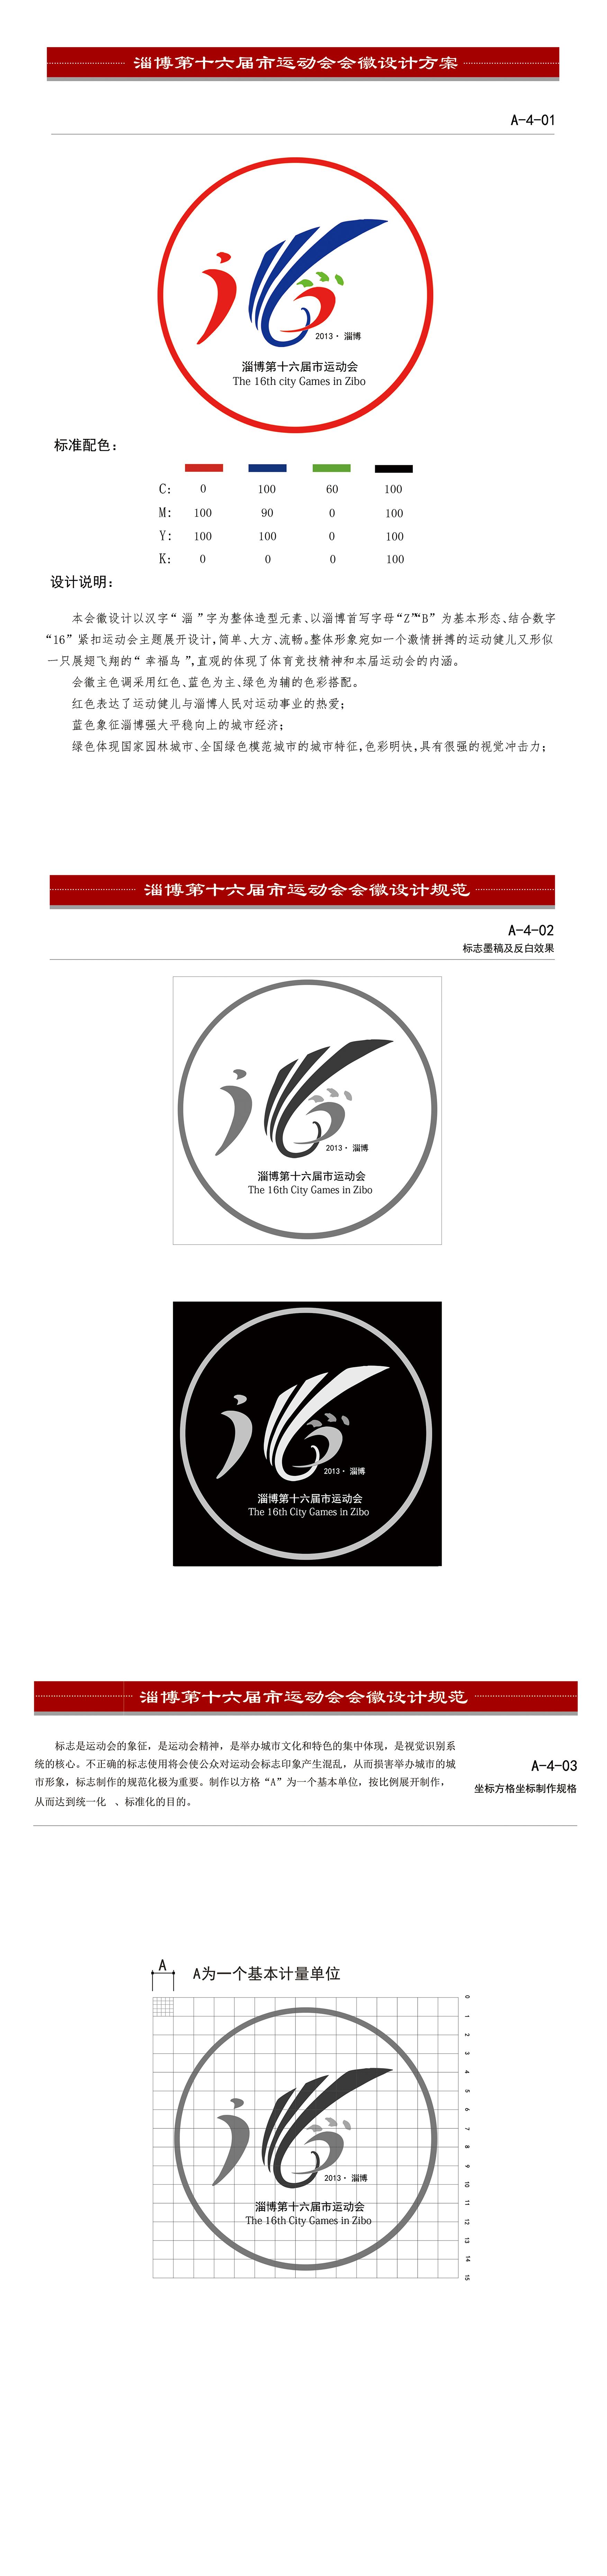 十六届淄博是运动会会徽设计图片